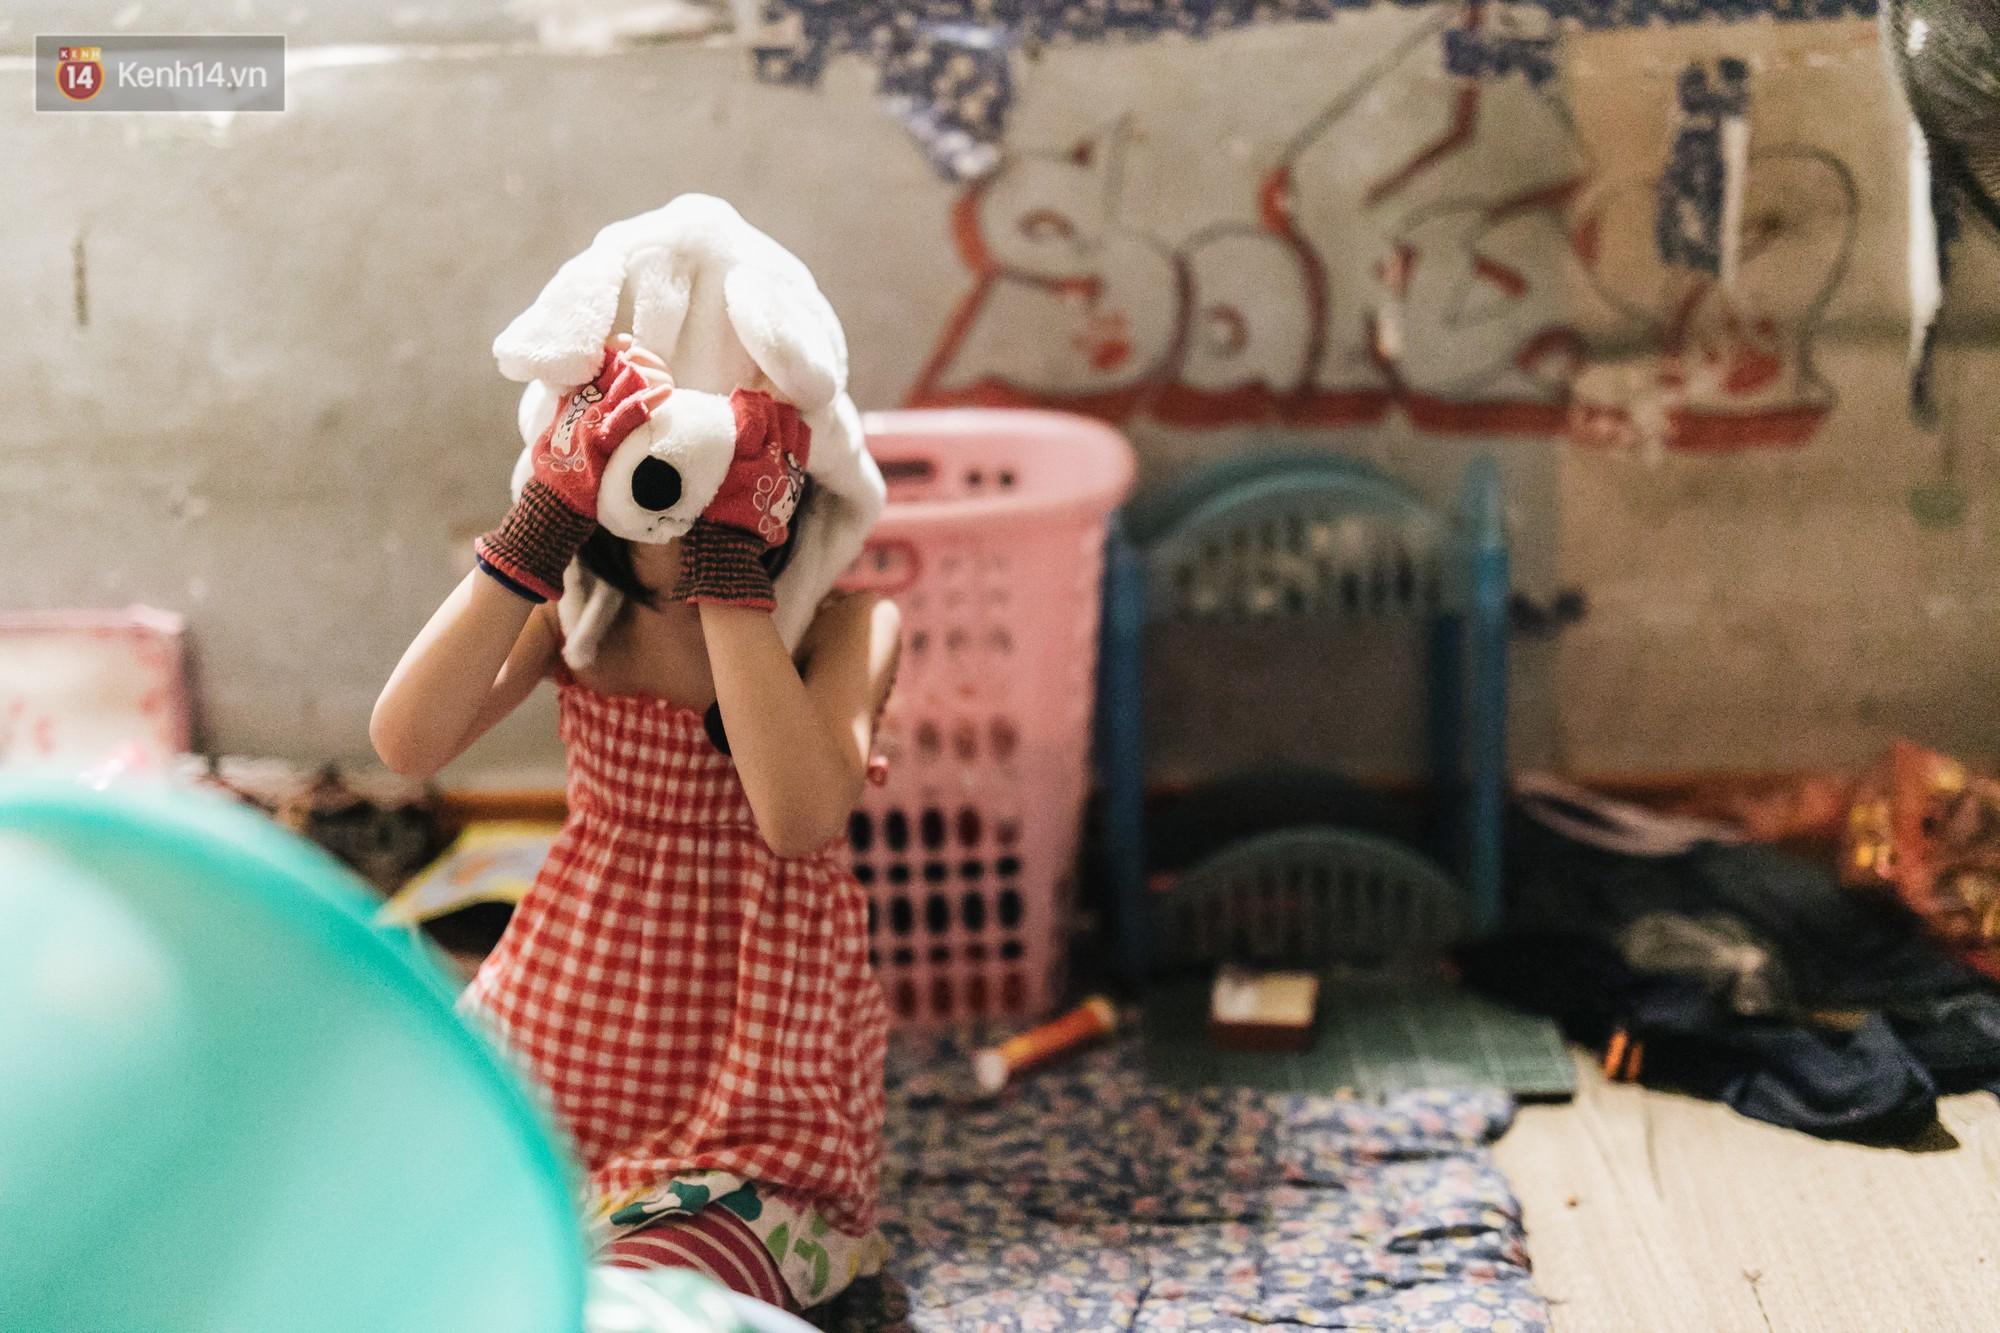 Bất ngờ nổi tiếng sau 1 đêm, bé gái 6 tuổi phối đồ chất ở Hà Nội trở về những ngày lang thang bán hàng rong cùng mẹ-15